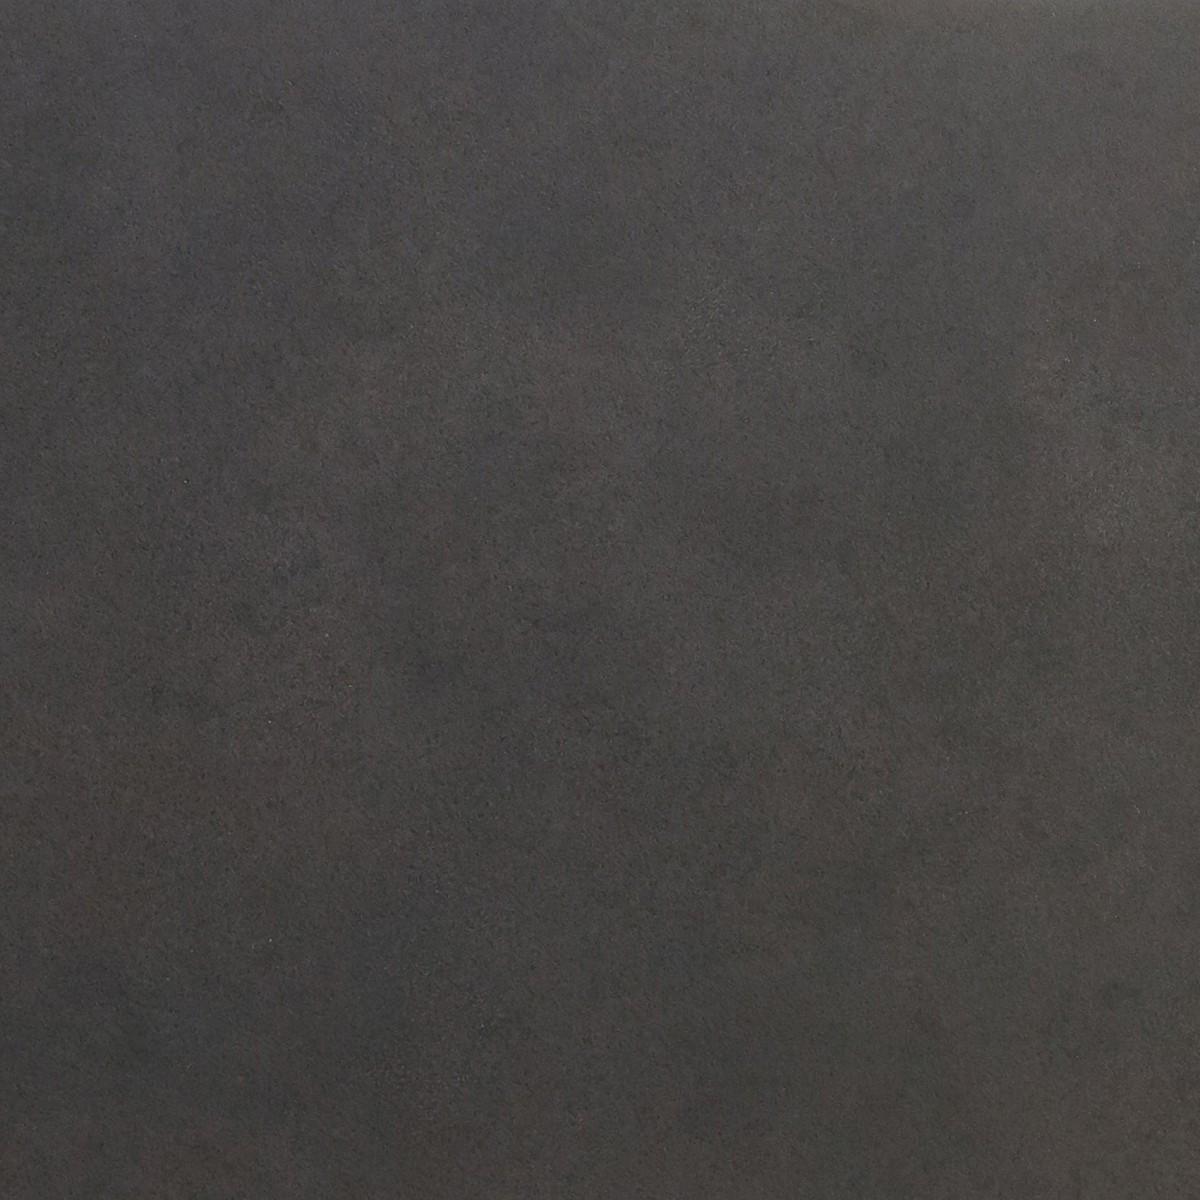 Столешница LuxeForm S630 Астероид 1U 28 4200 600